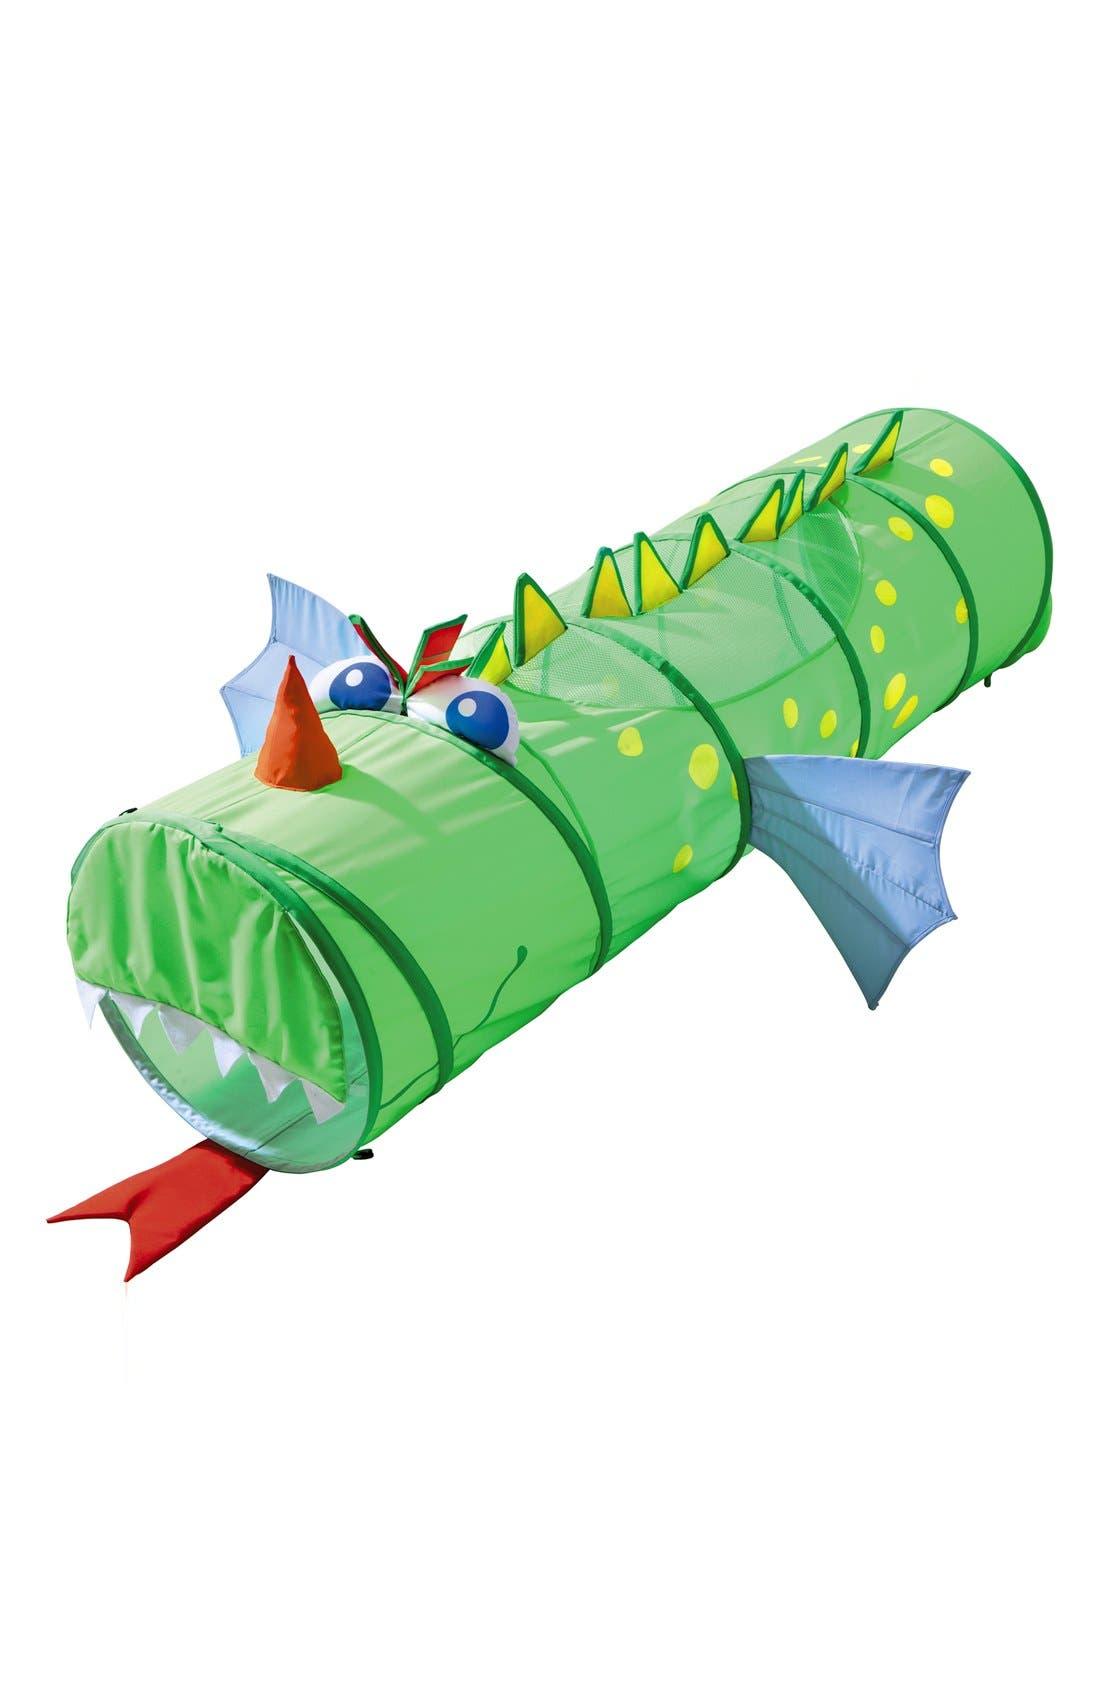 'Croco Kuno' Dragon Crawling Tunnel,                             Main thumbnail 1, color,                             Green